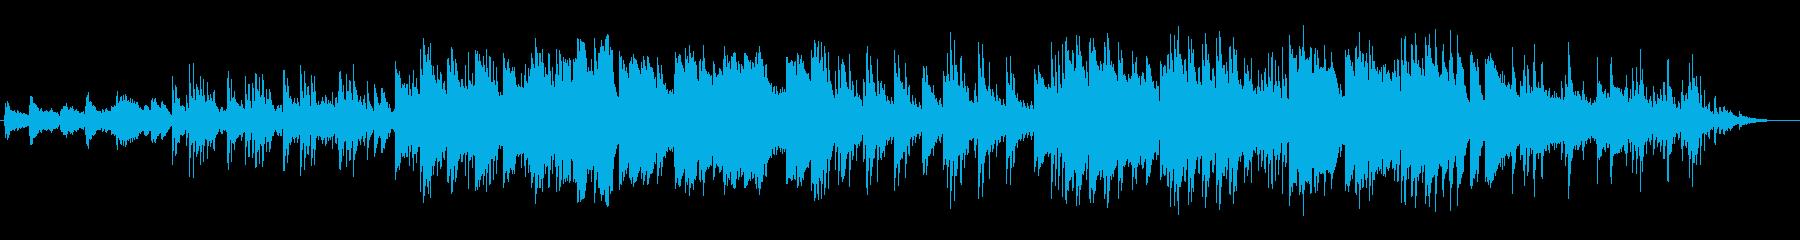 儚げなメロディのファンタジー的なバラードの再生済みの波形